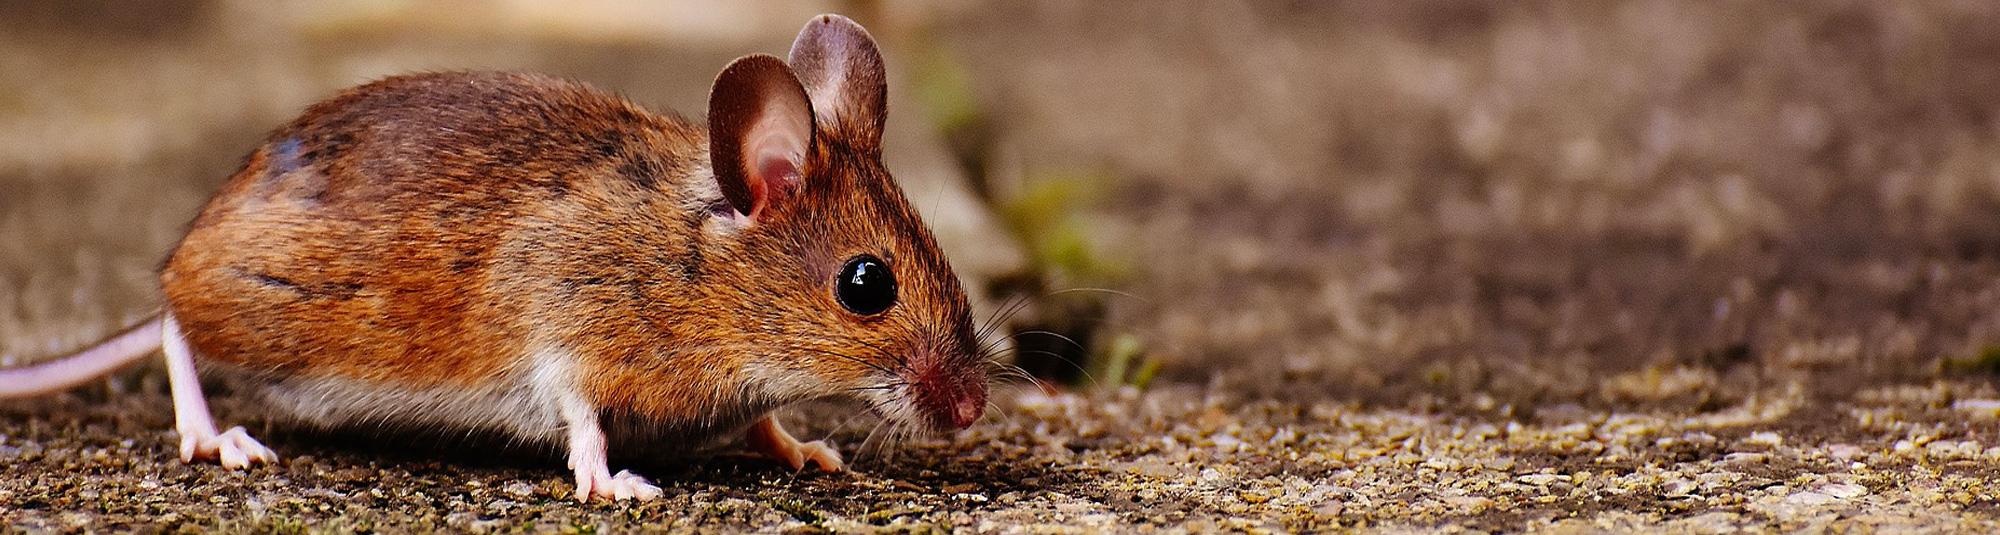 Comment Se Débarrasser Efficacement Des Souris ? avec Comment Se Débarrasser Des Rats Dans Le Jardin